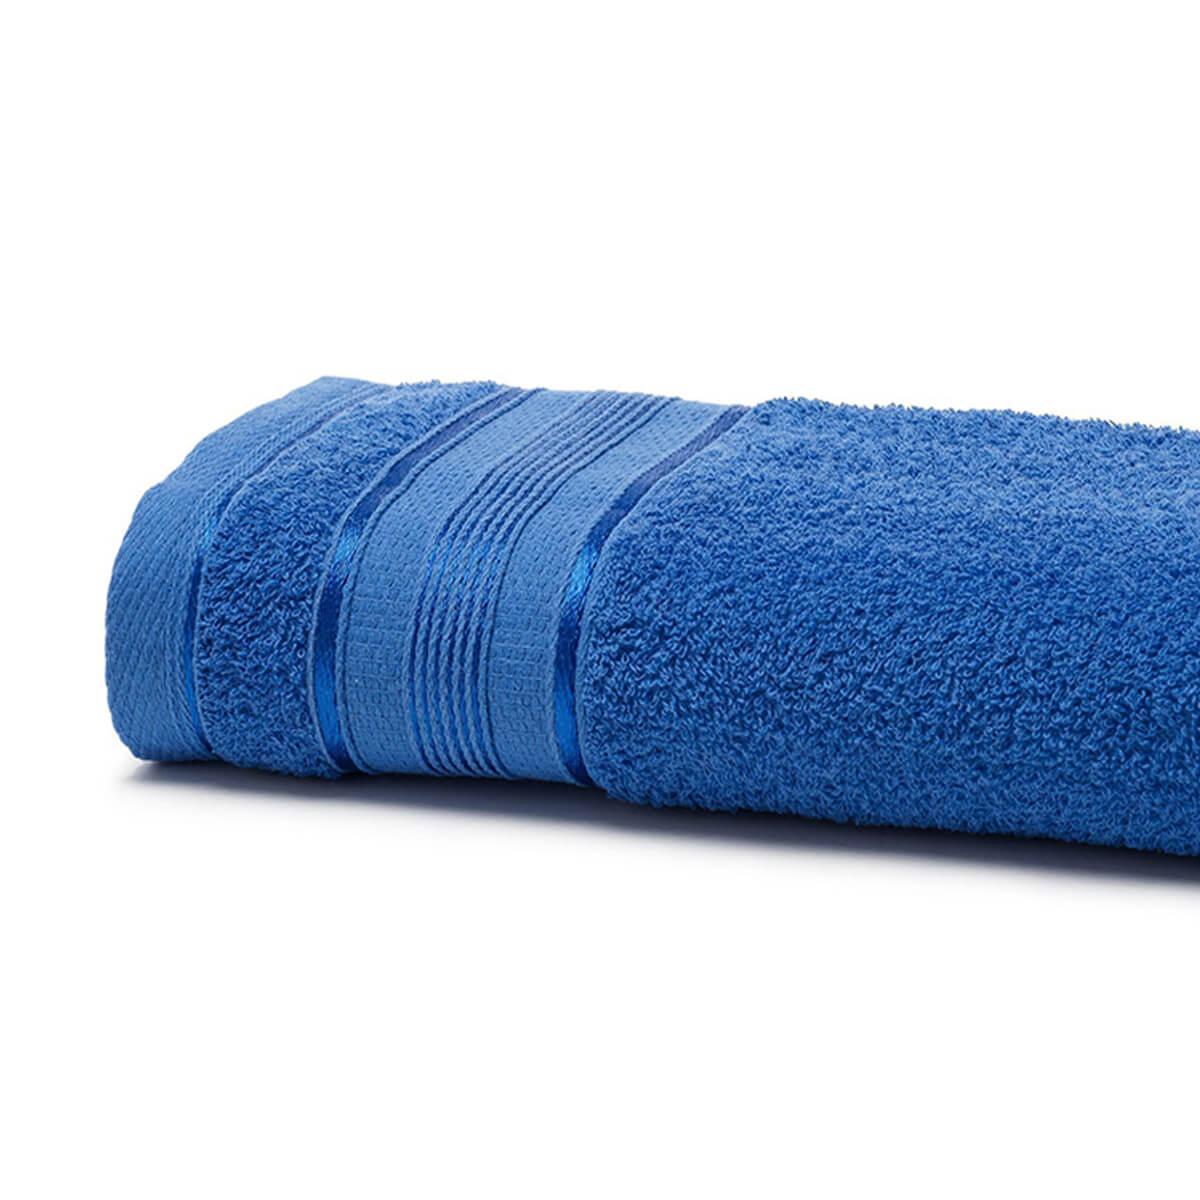 Toalha de Banho Felpuda Royal Knut Azul